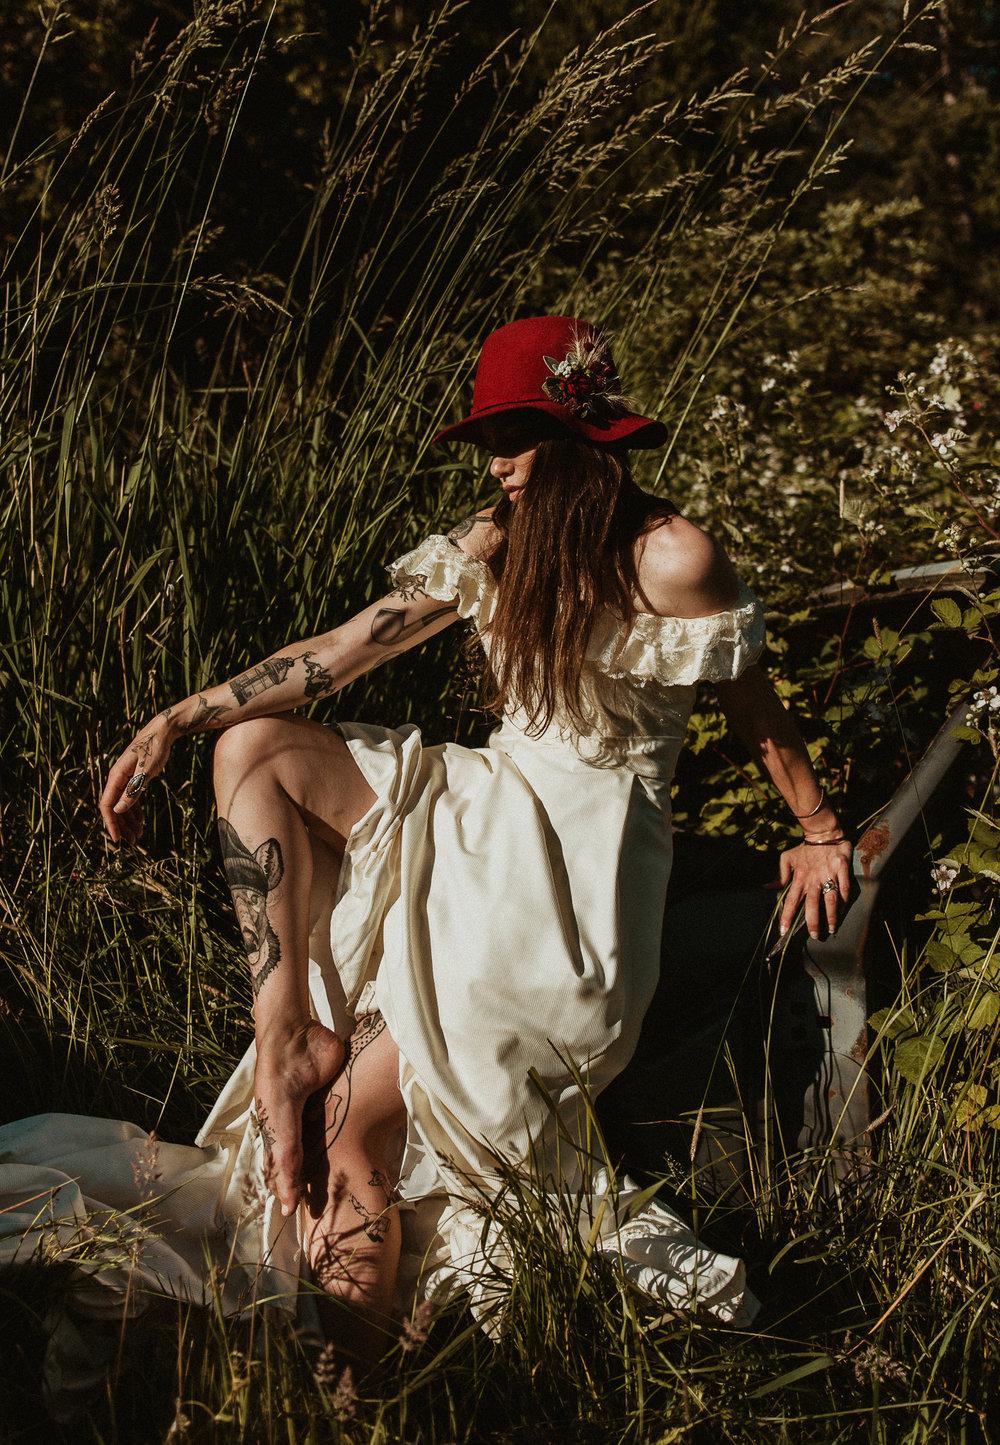 featured-artist-tribe-collective-nikki-hollett-3.jpg